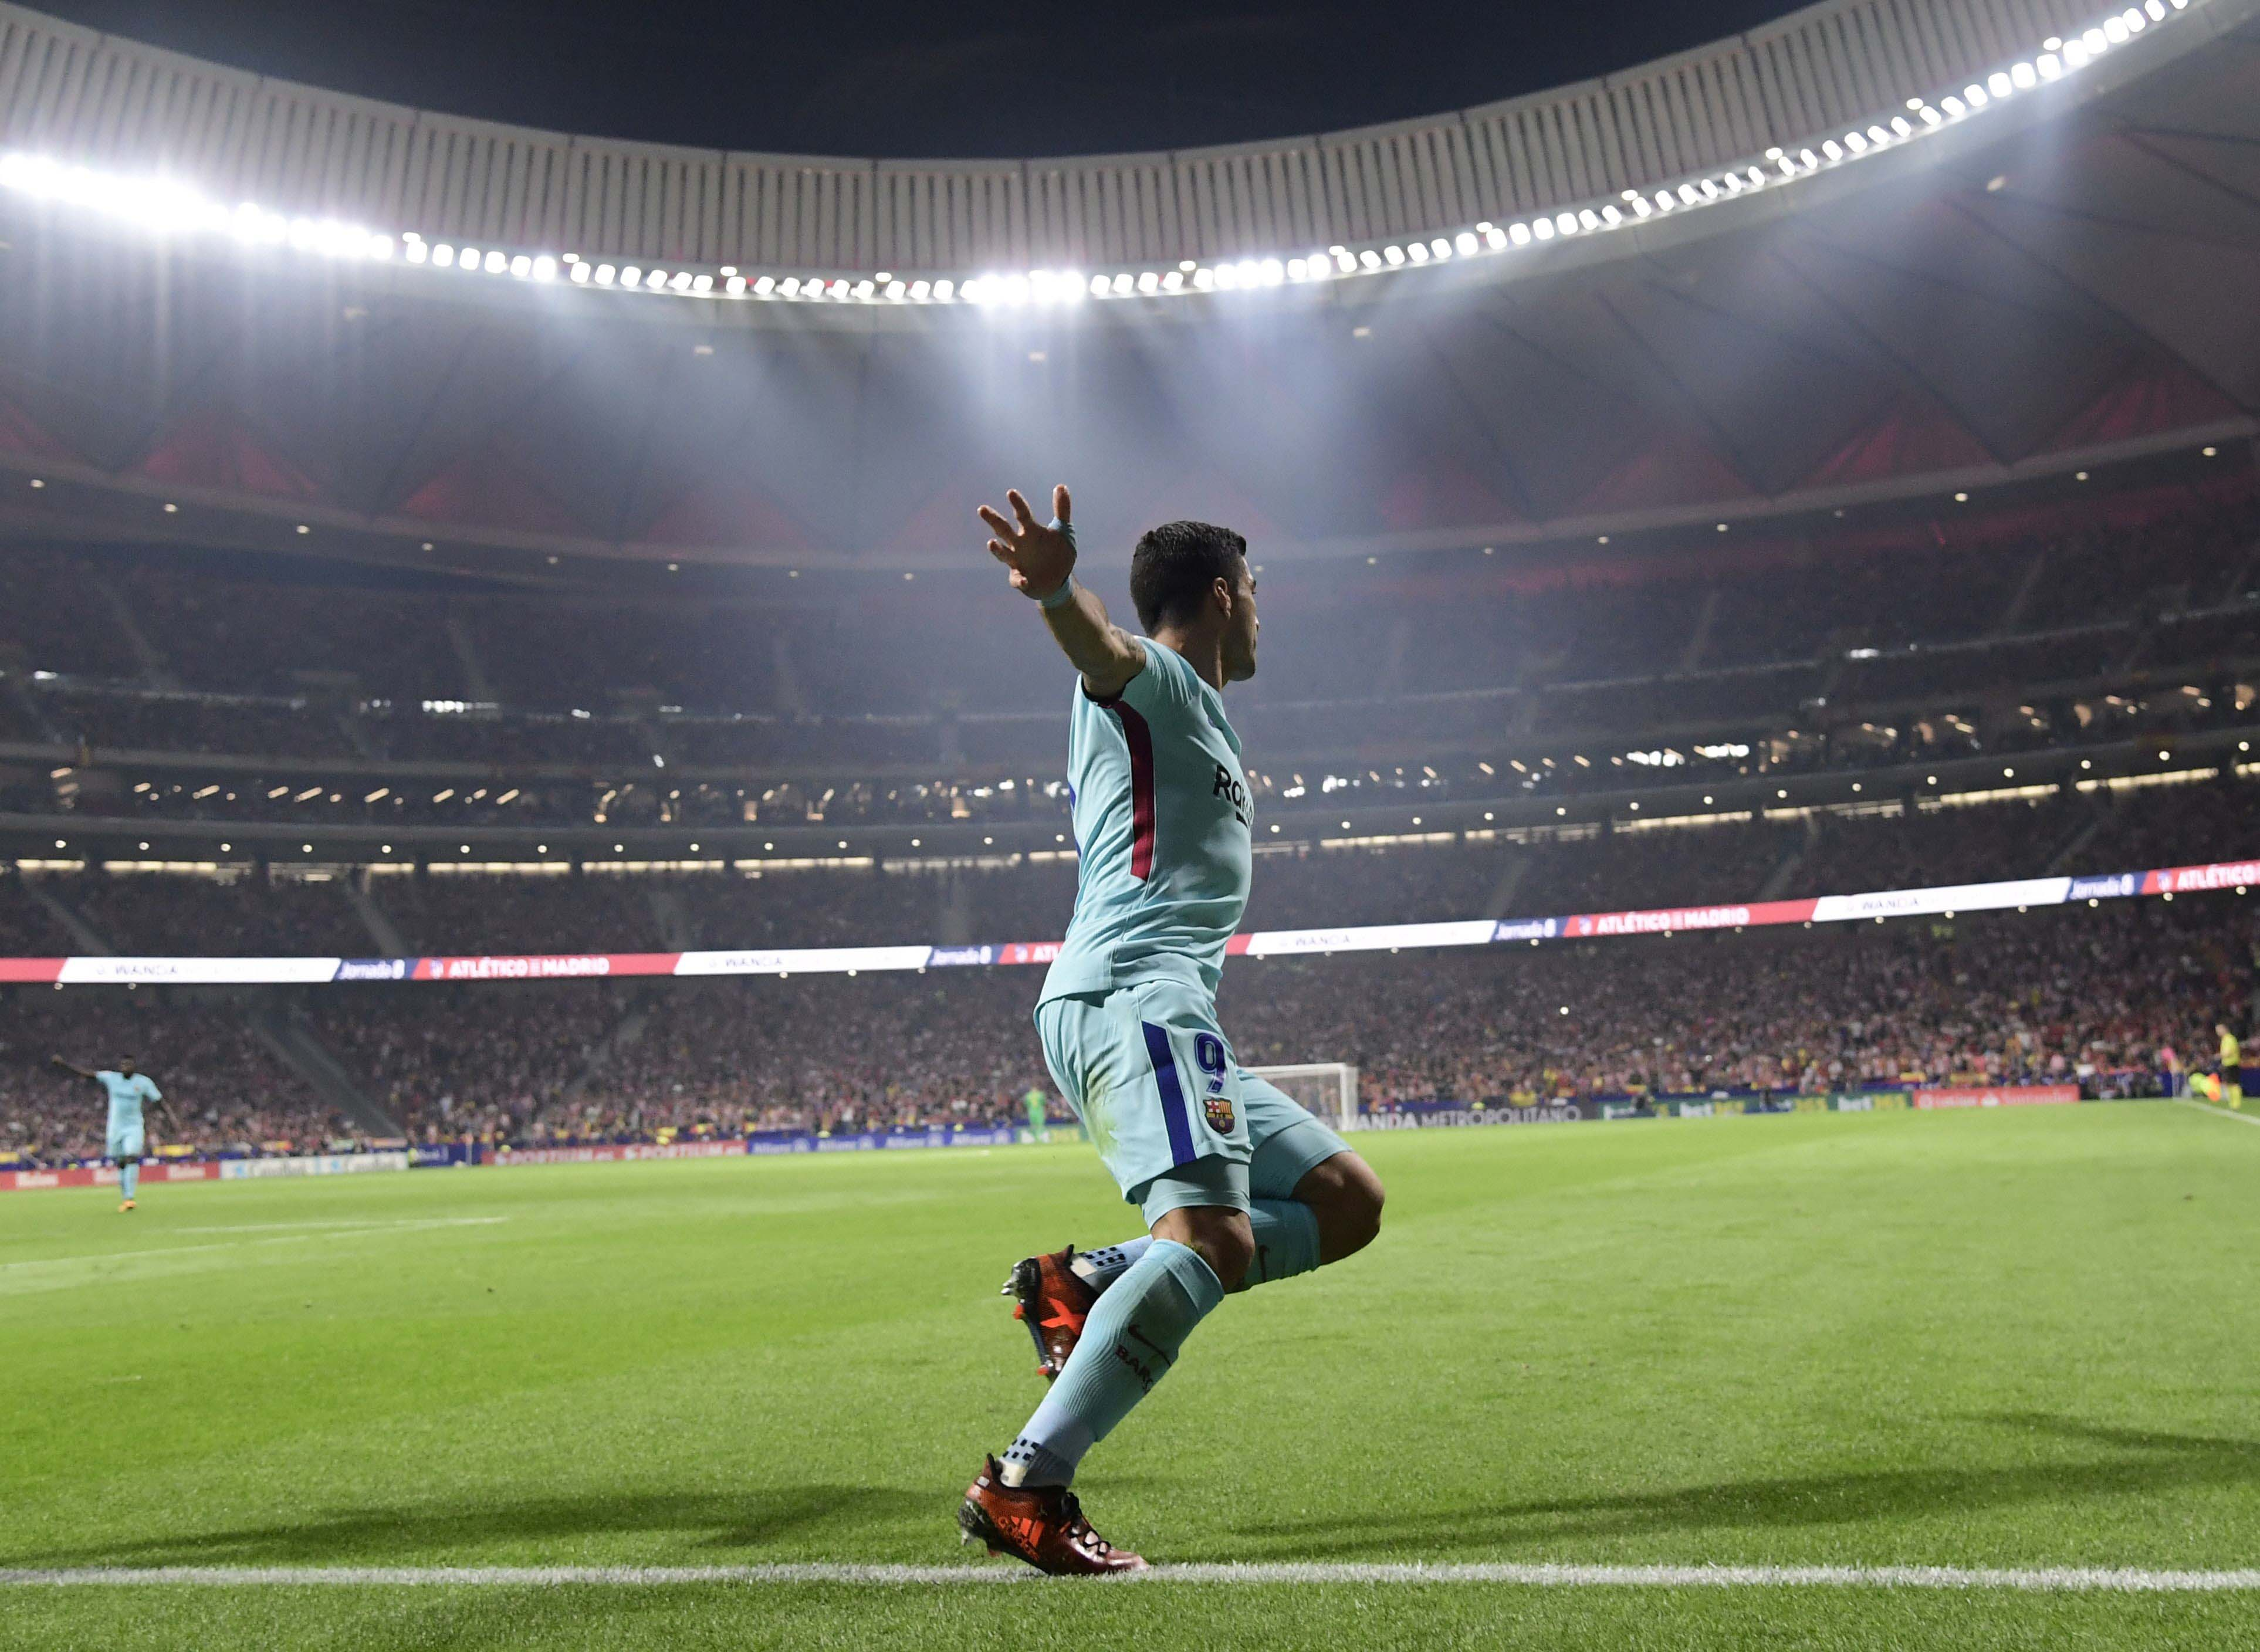 barcelona extend unbeaten run after late suarez equaliser